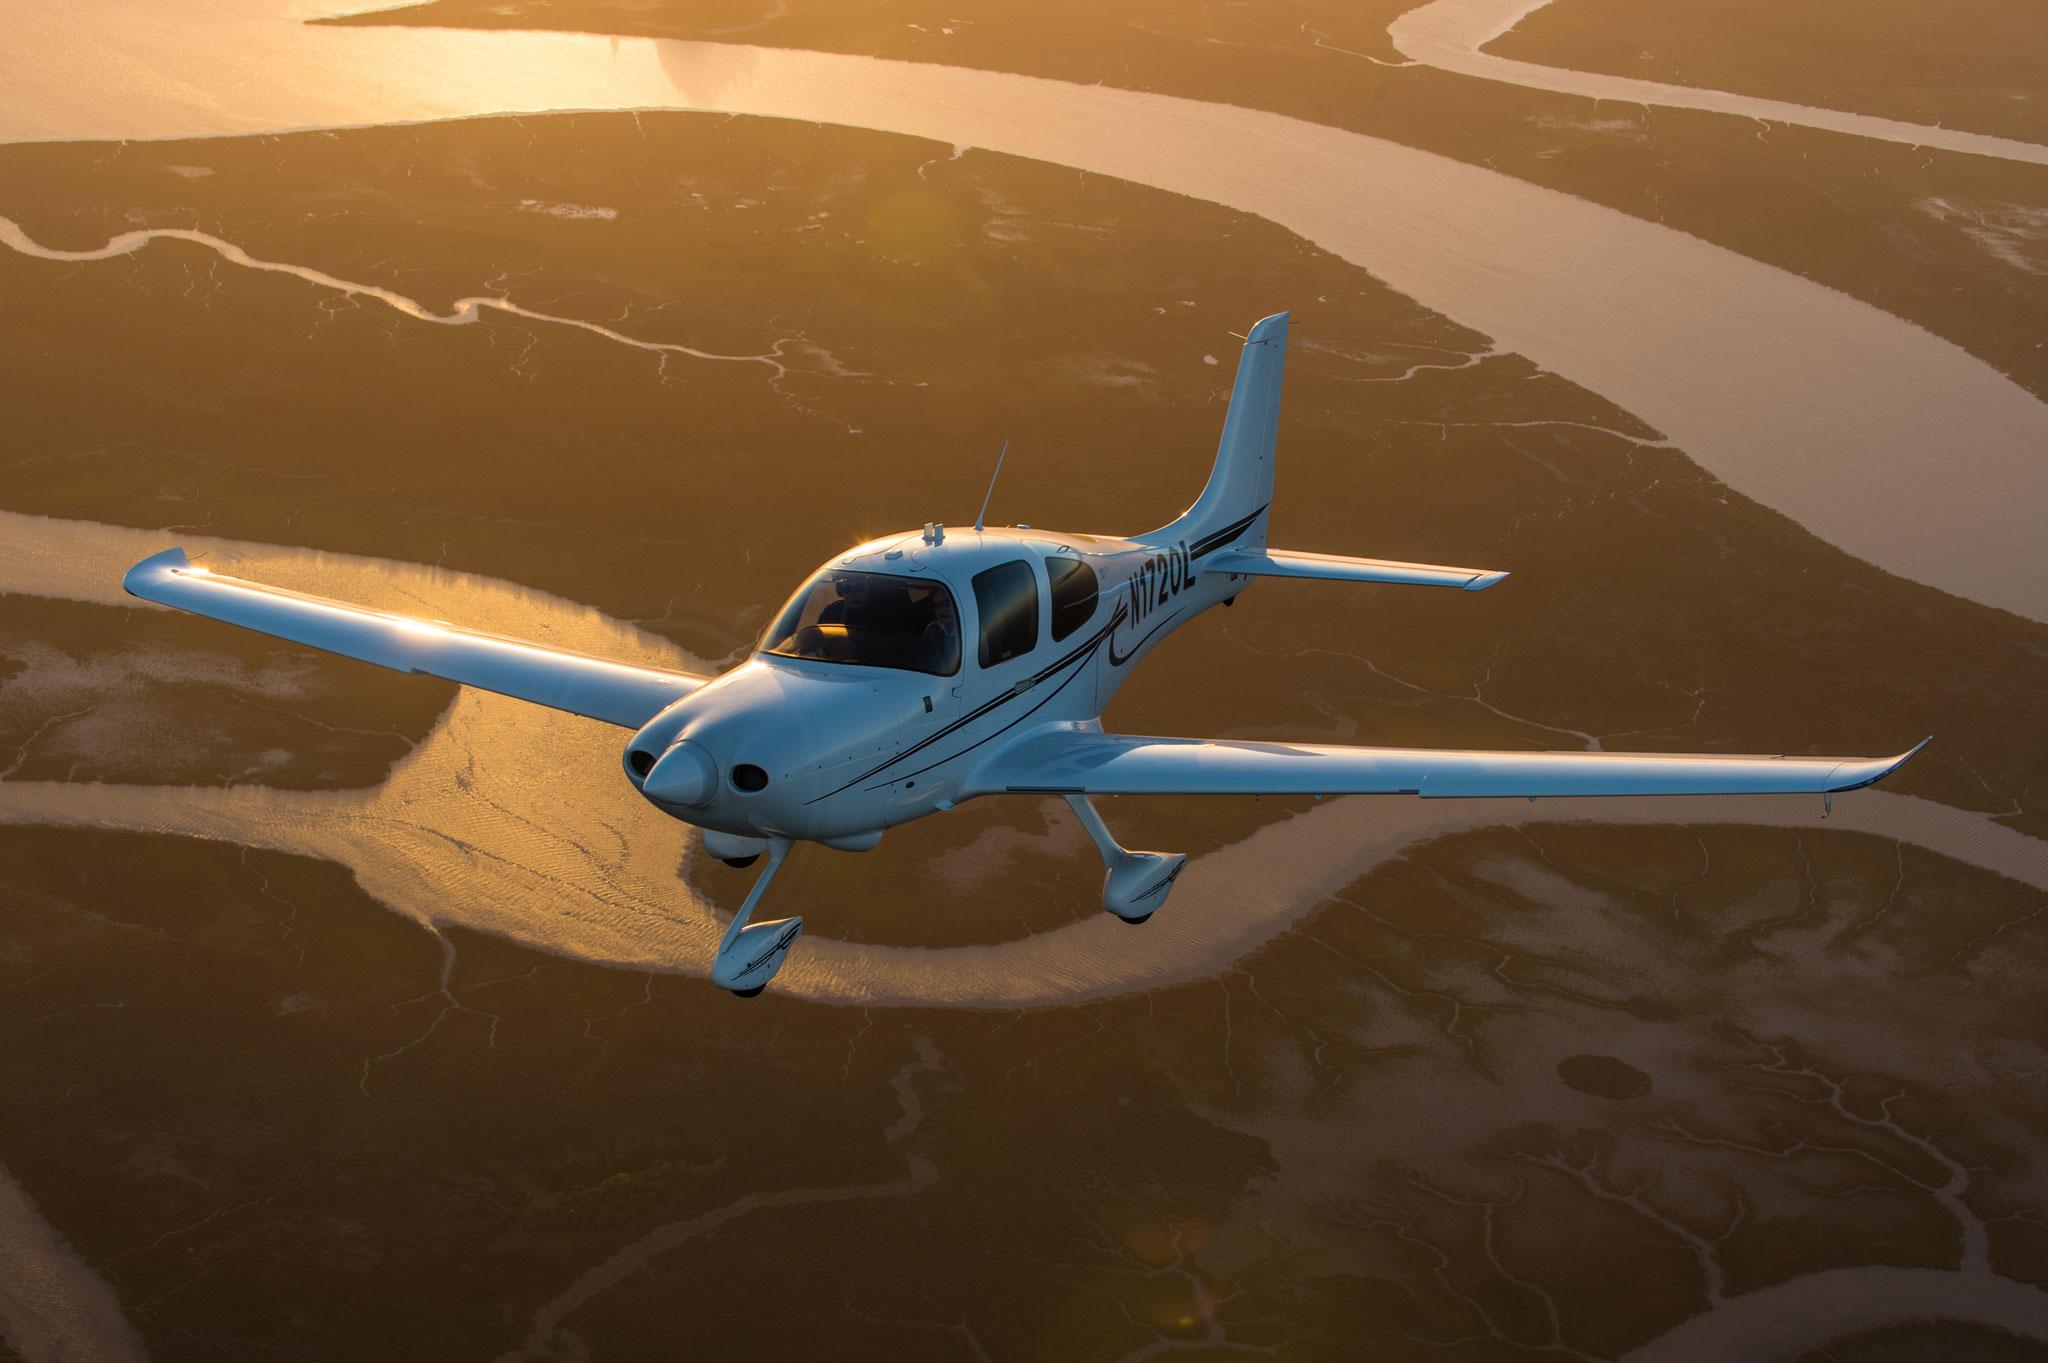 Cirrus SR20 AirtoAir